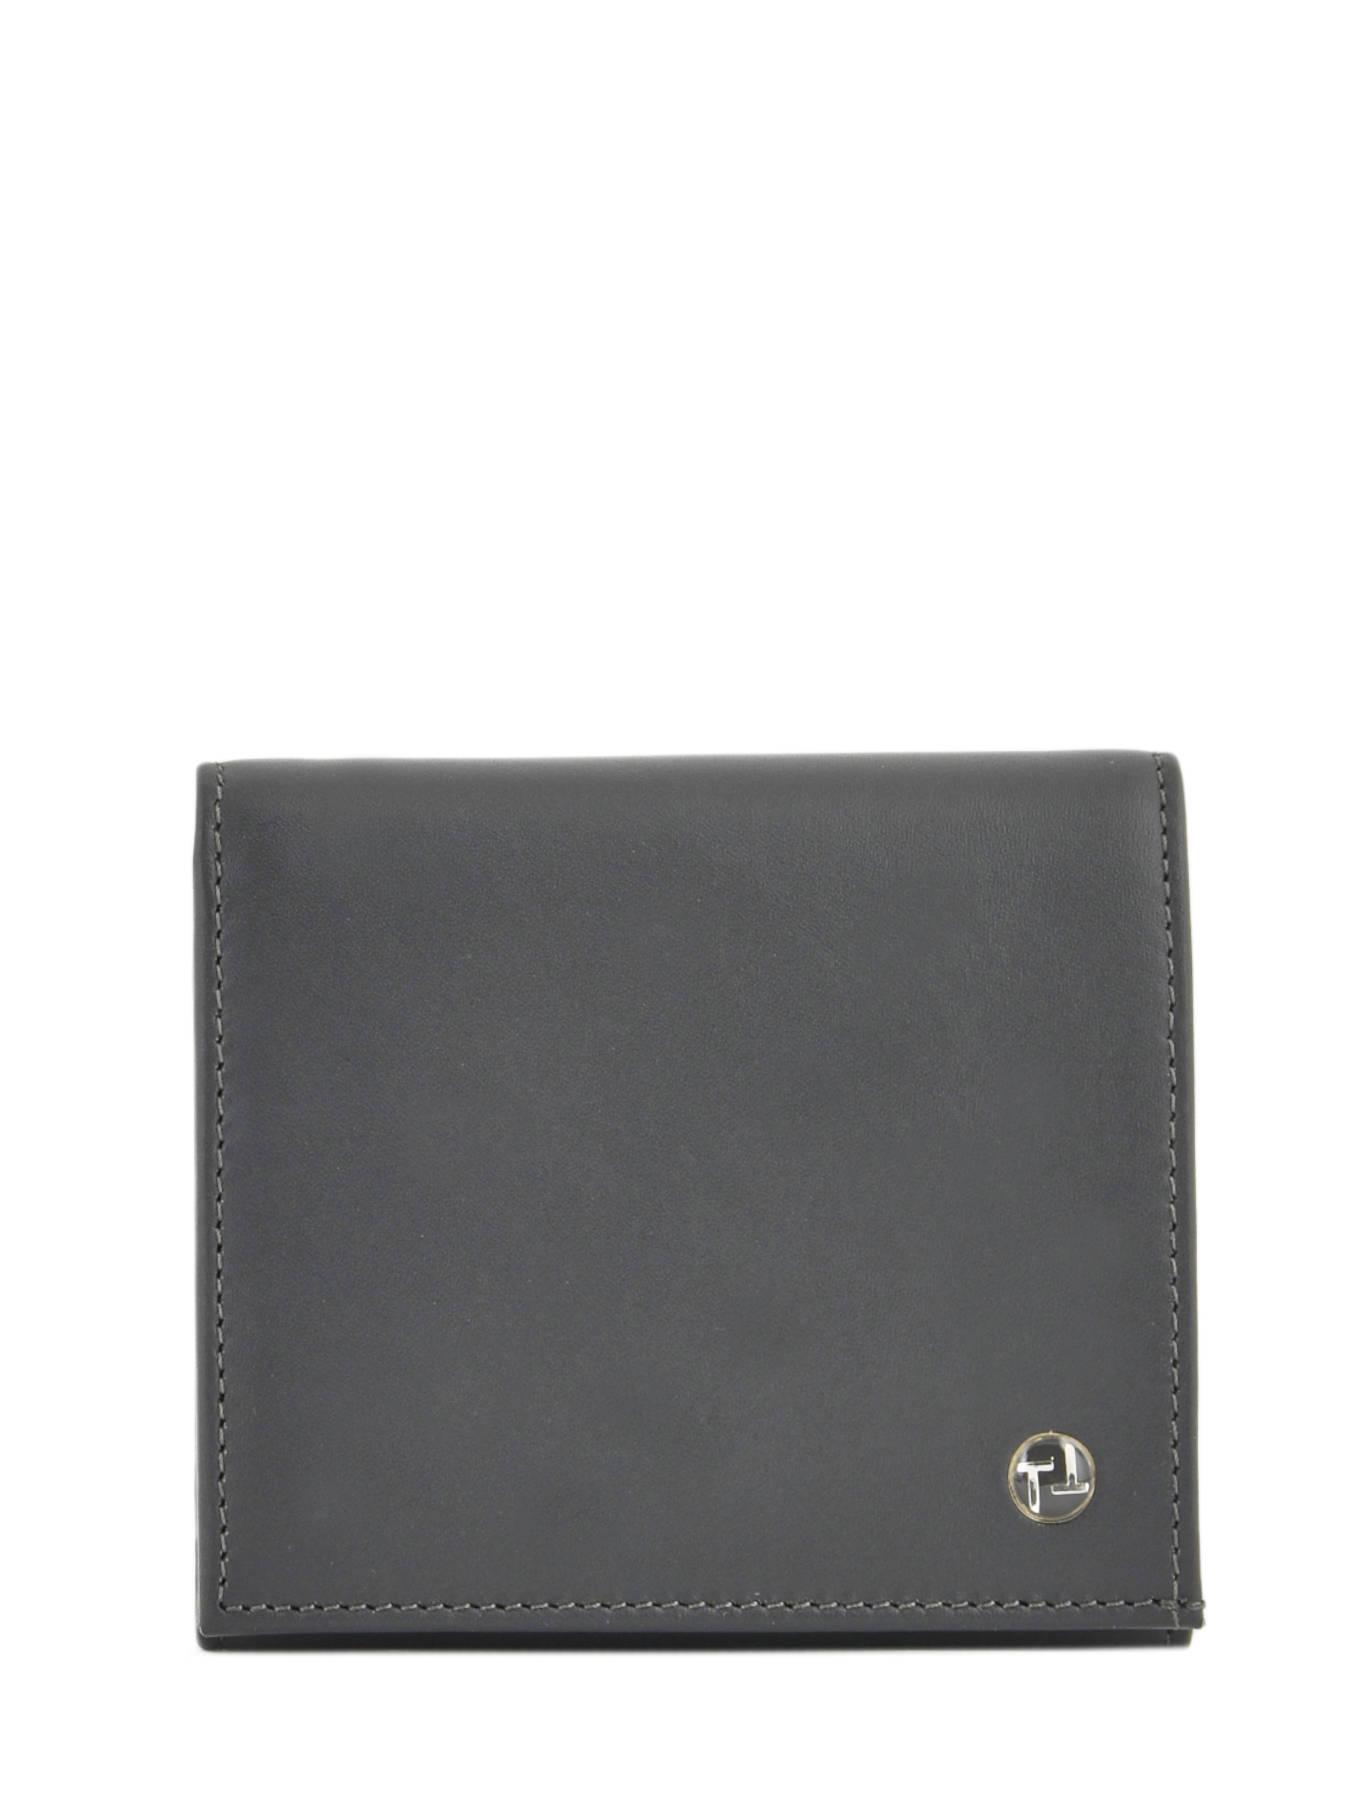 Porte-cartes porte-monnaie cuir TEXIER